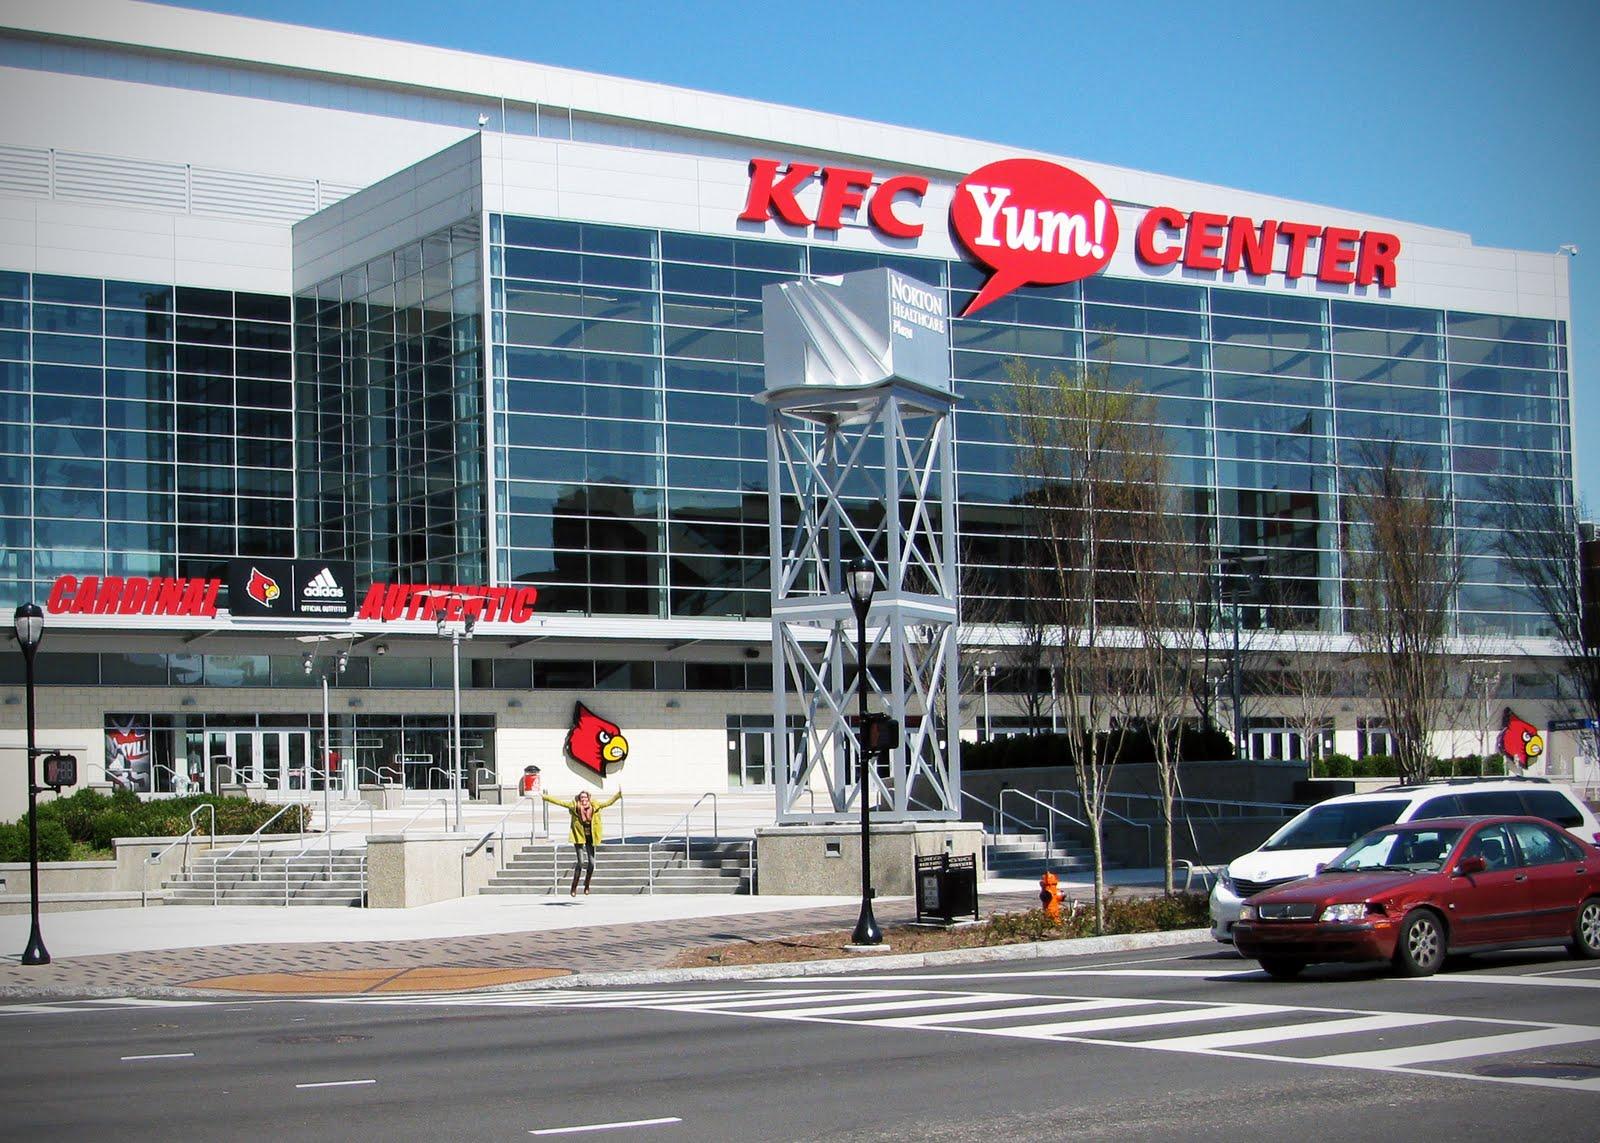 http://4.bp.blogspot.com/-E0oGRuTdJa4/Tc8KnZ7VYKI/AAAAAAAAATI/JMAPKLN_268/s1600/KY_Louisville%252BYum%252BCenter.jpg